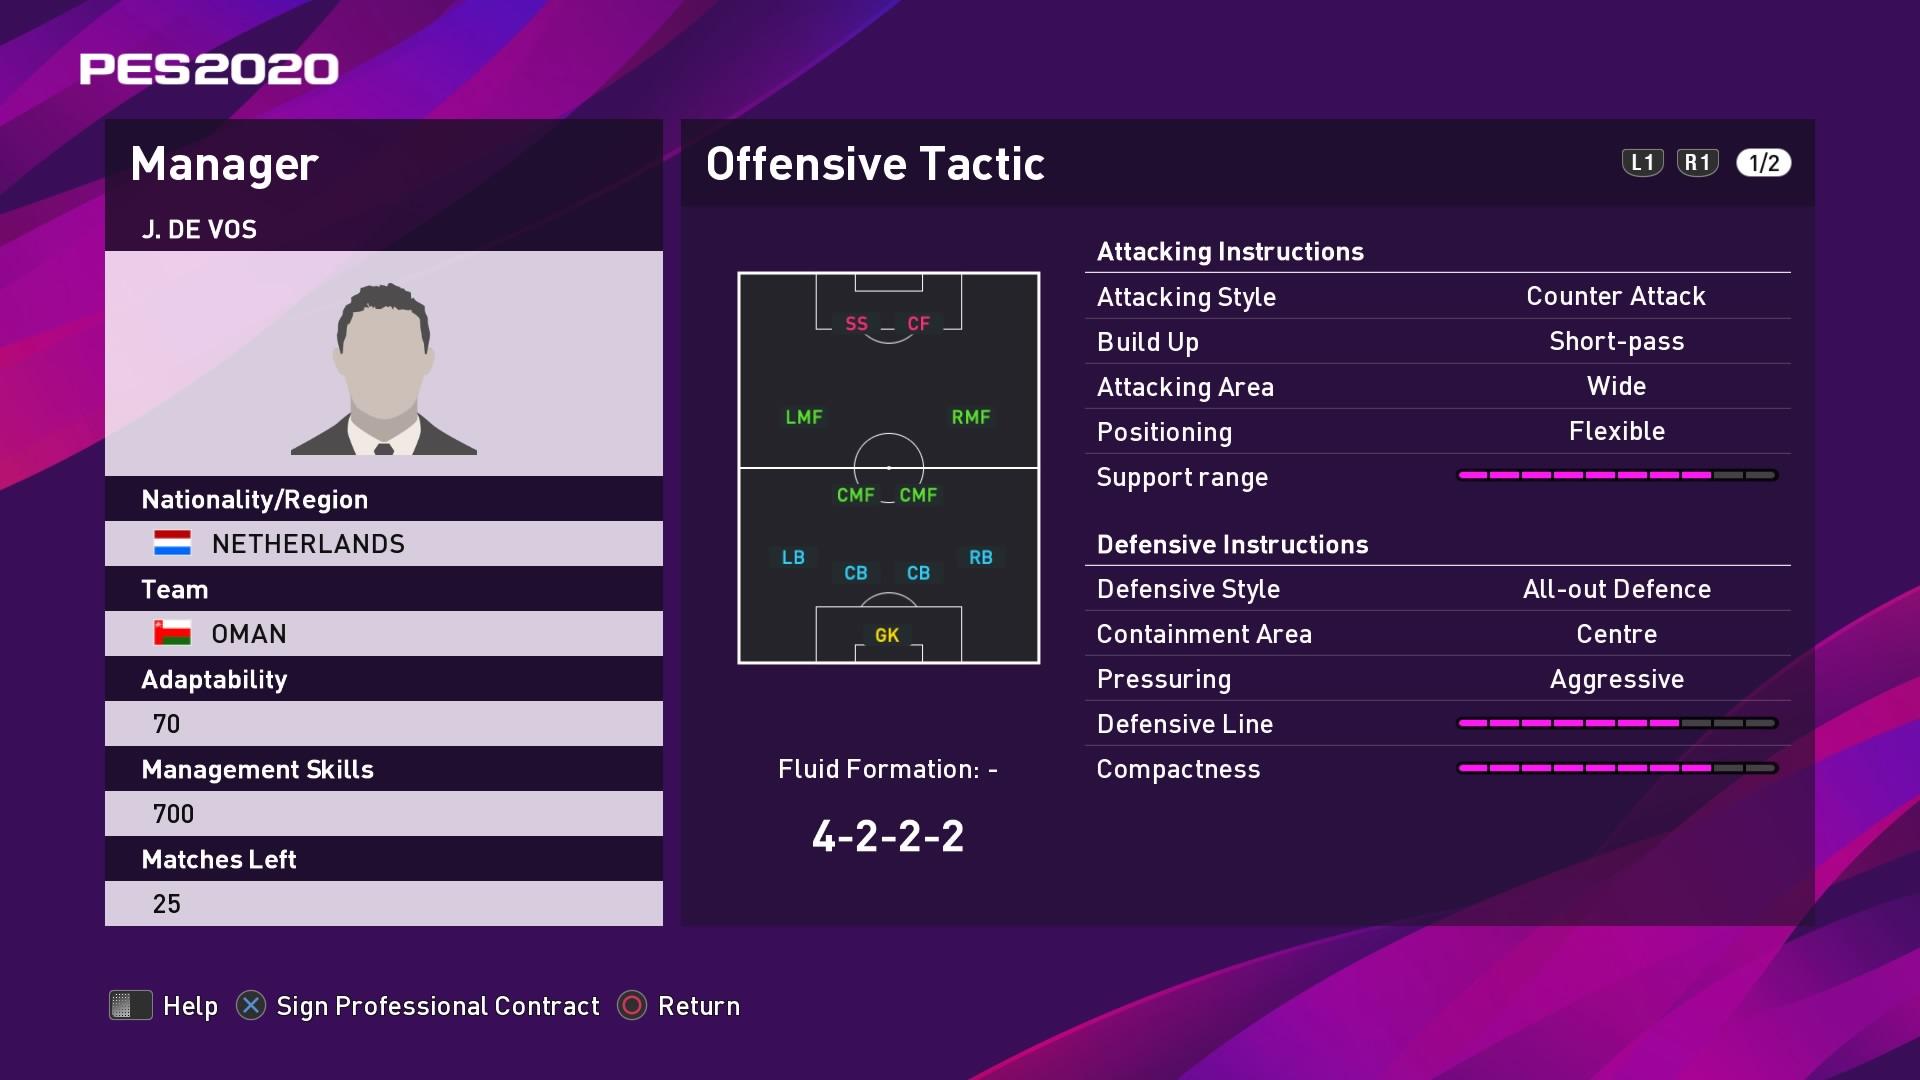 J. De Vos (Erwin Koeman) Offensive Tactic in PES 2020 myClub